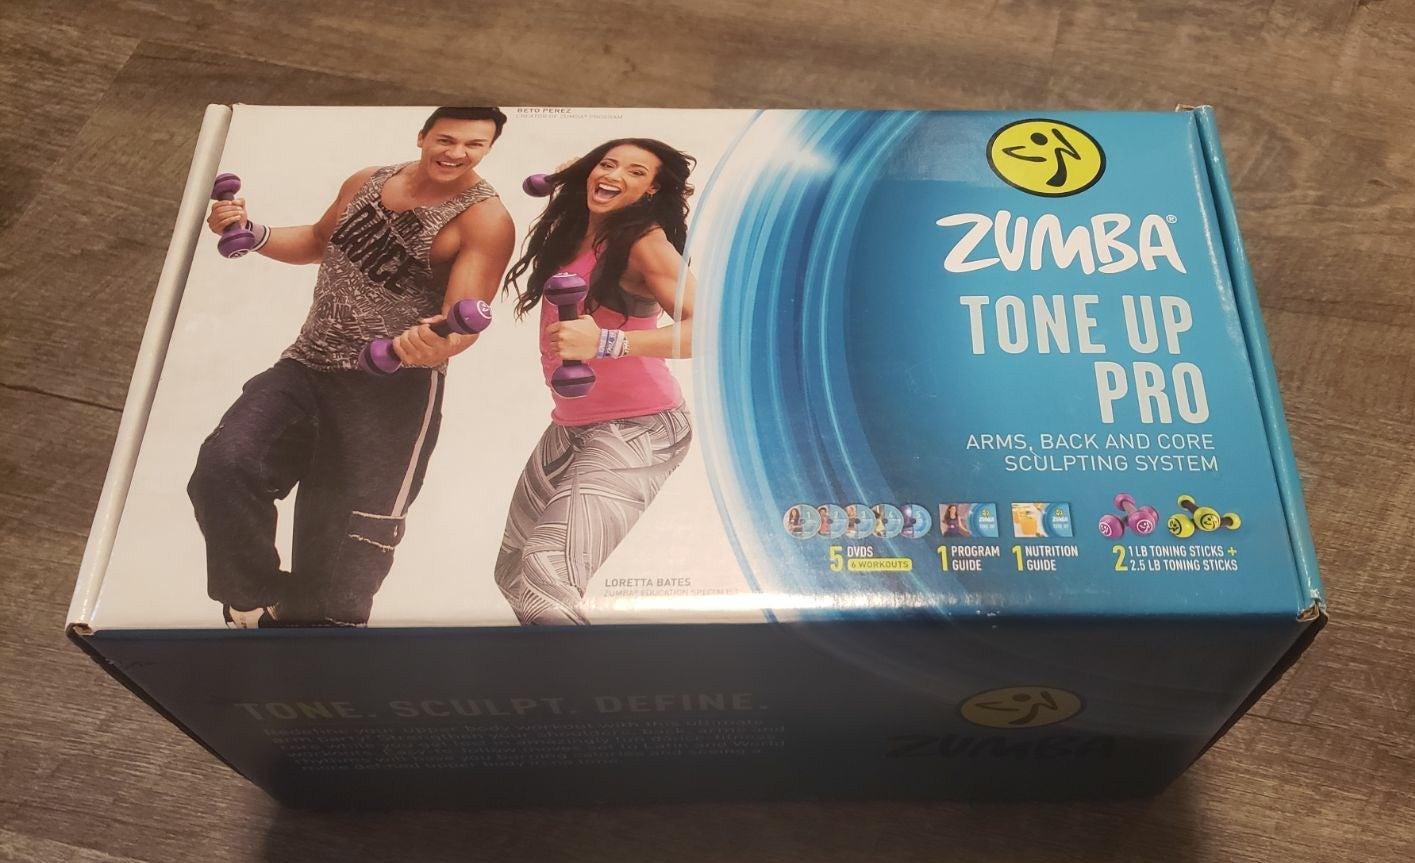 Zumba Tone Up Pro